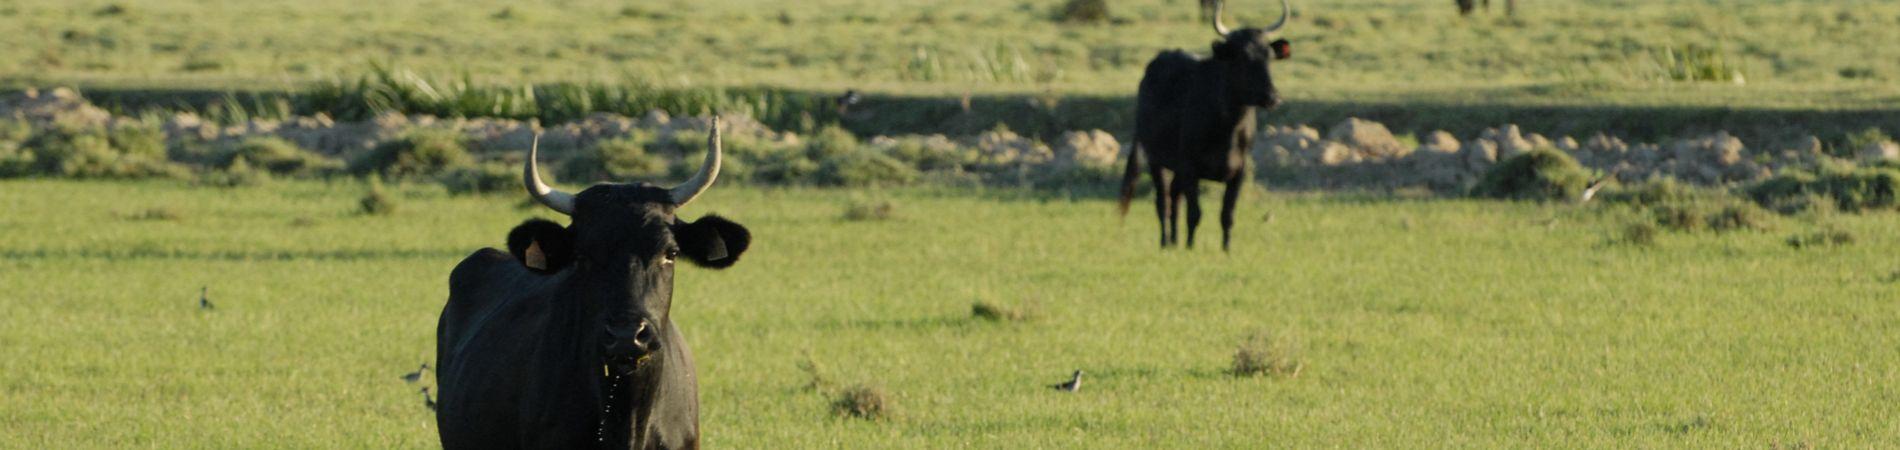 Les taureaux des manades Narbonnaises